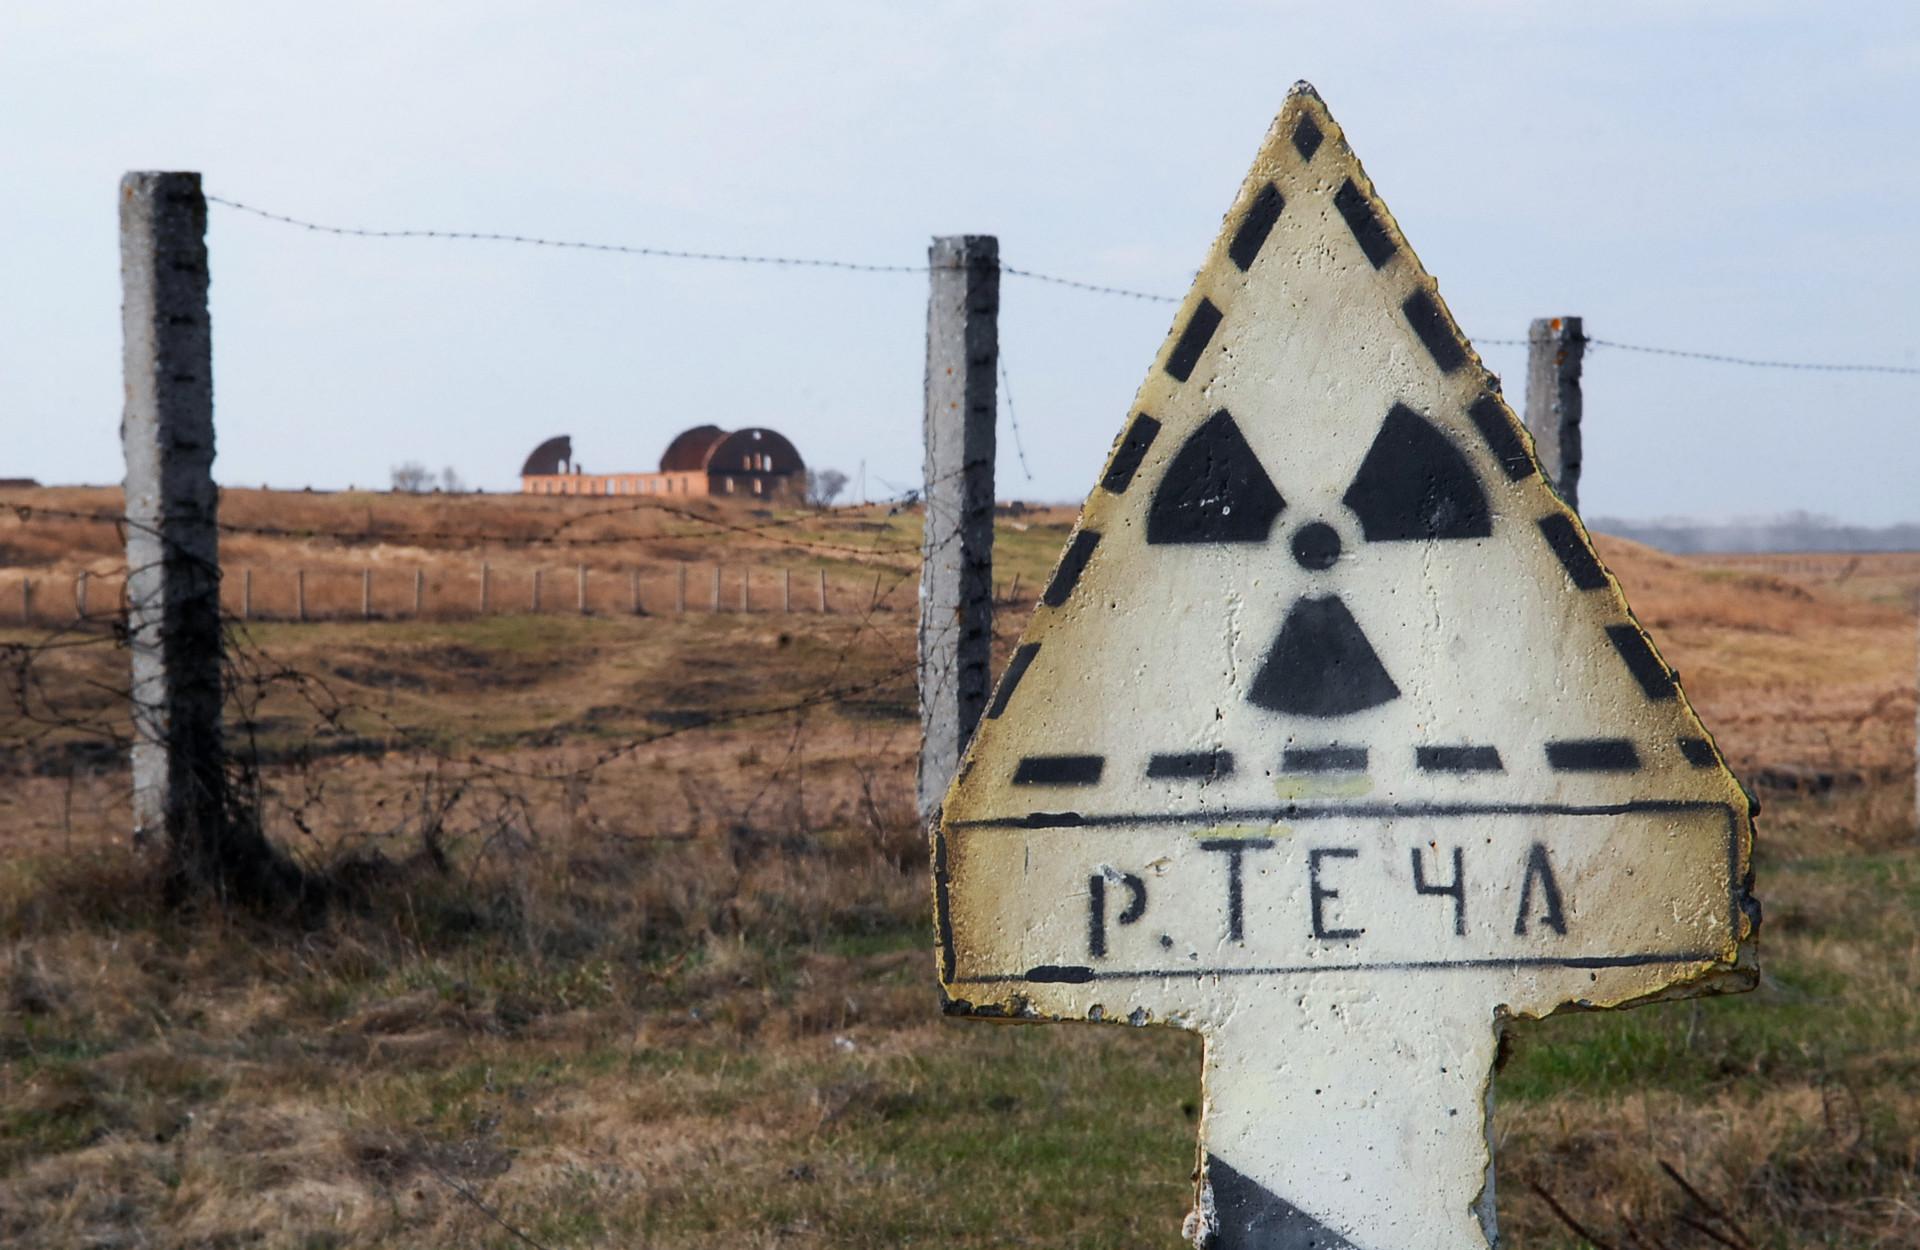 """Знак упозорења за зону високе радијације у селу Муслимово.после  контаминирања радијациом у постројењу за прераду нуклеарног горива """"Мајак"""", 1957. Ова трагедија је позната као Киштимска катастрофа."""